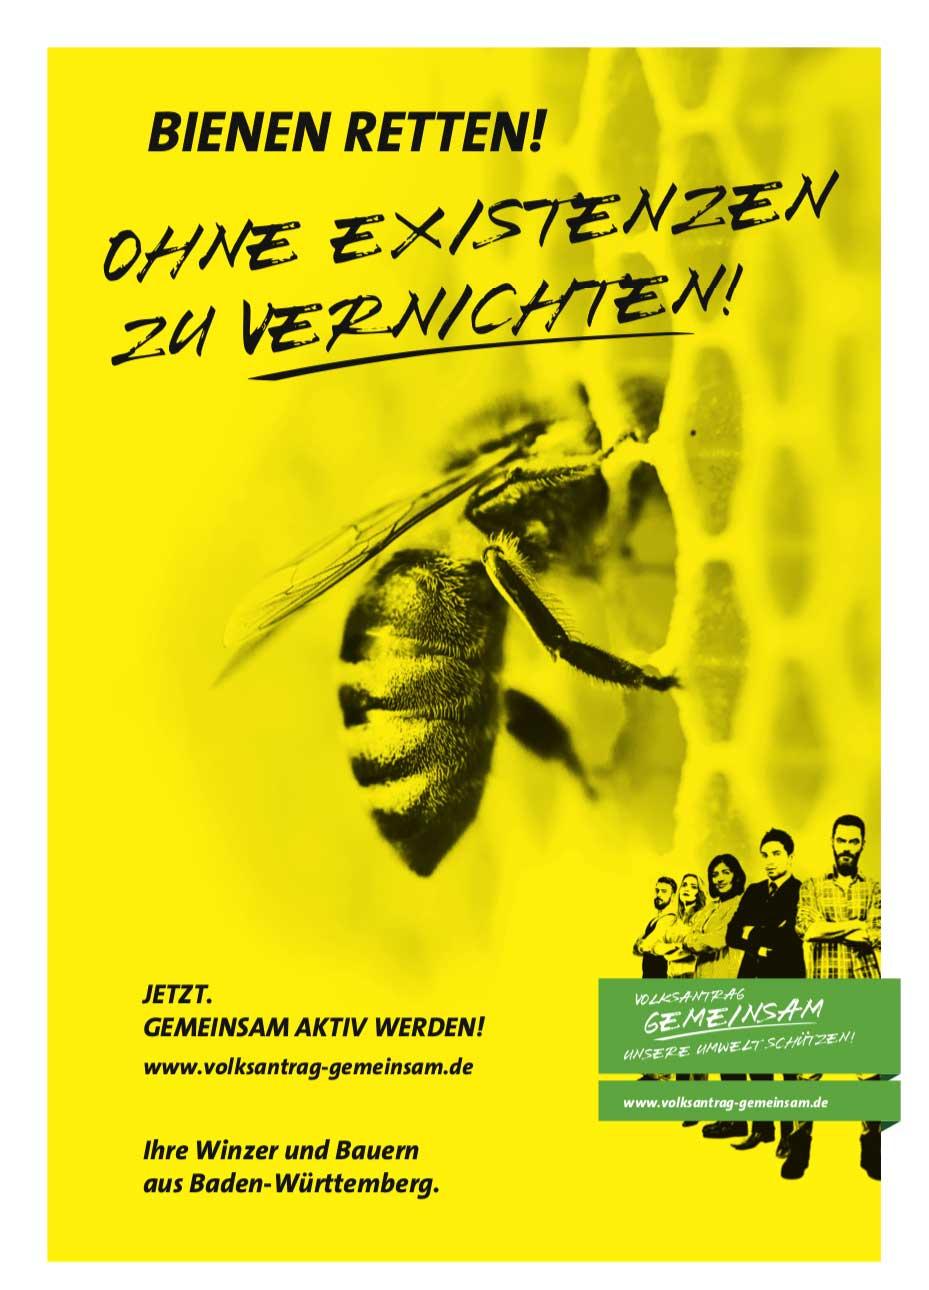 """Volksantrag Gemeinsam des BLHV – Motiv """"Bienen retten! Ohne Existenzen zu vernichten!"""""""